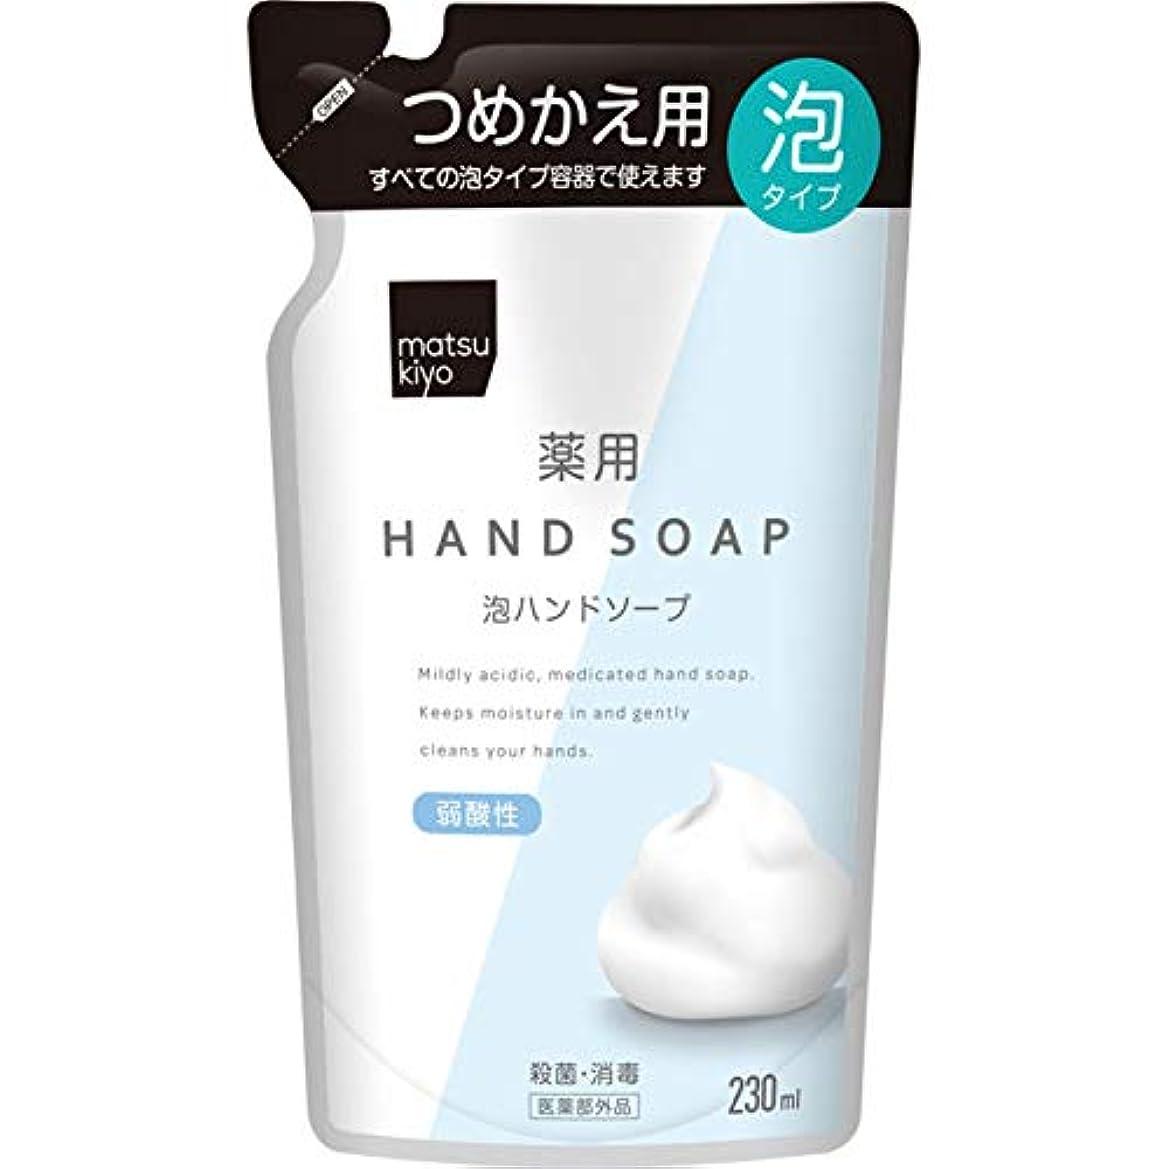 珍しい遺伝的入力matsukiyo 薬用泡ハンドソープ詰替 230ml (医薬部外品)